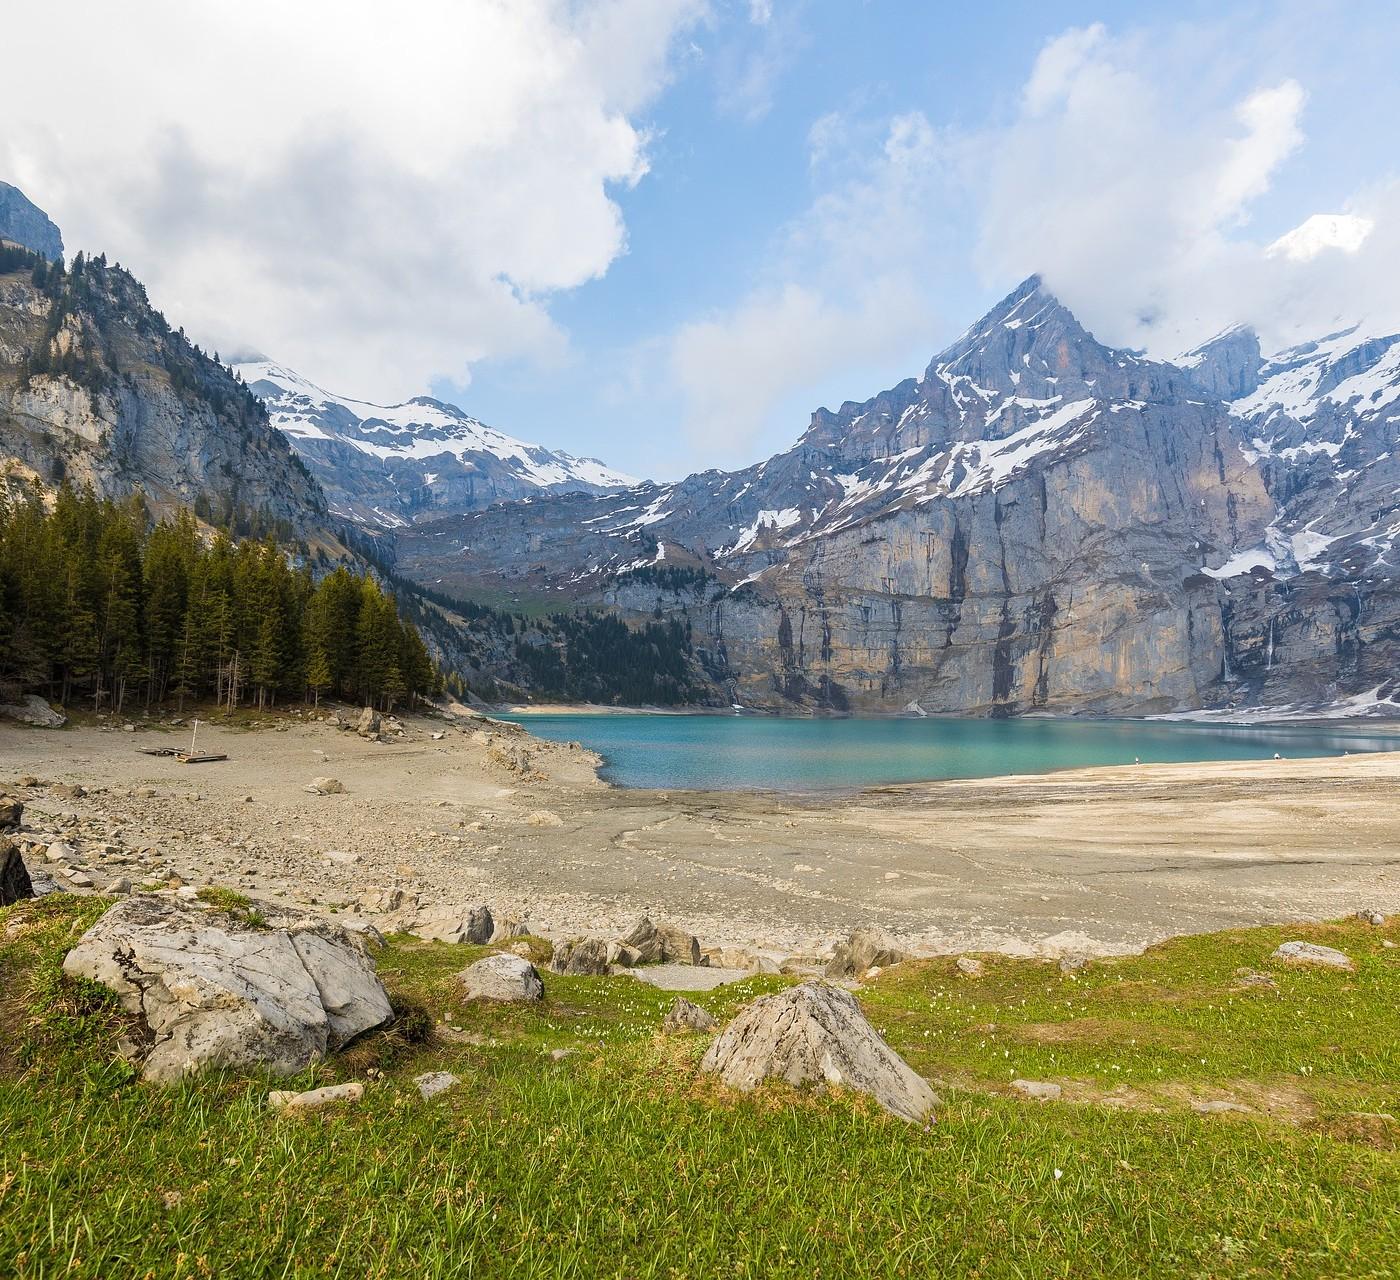 Újabb bizonyíték a klímaváltozásra: 10 év alatt 180 új gleccsertó keletkezett a svájci Alpokban